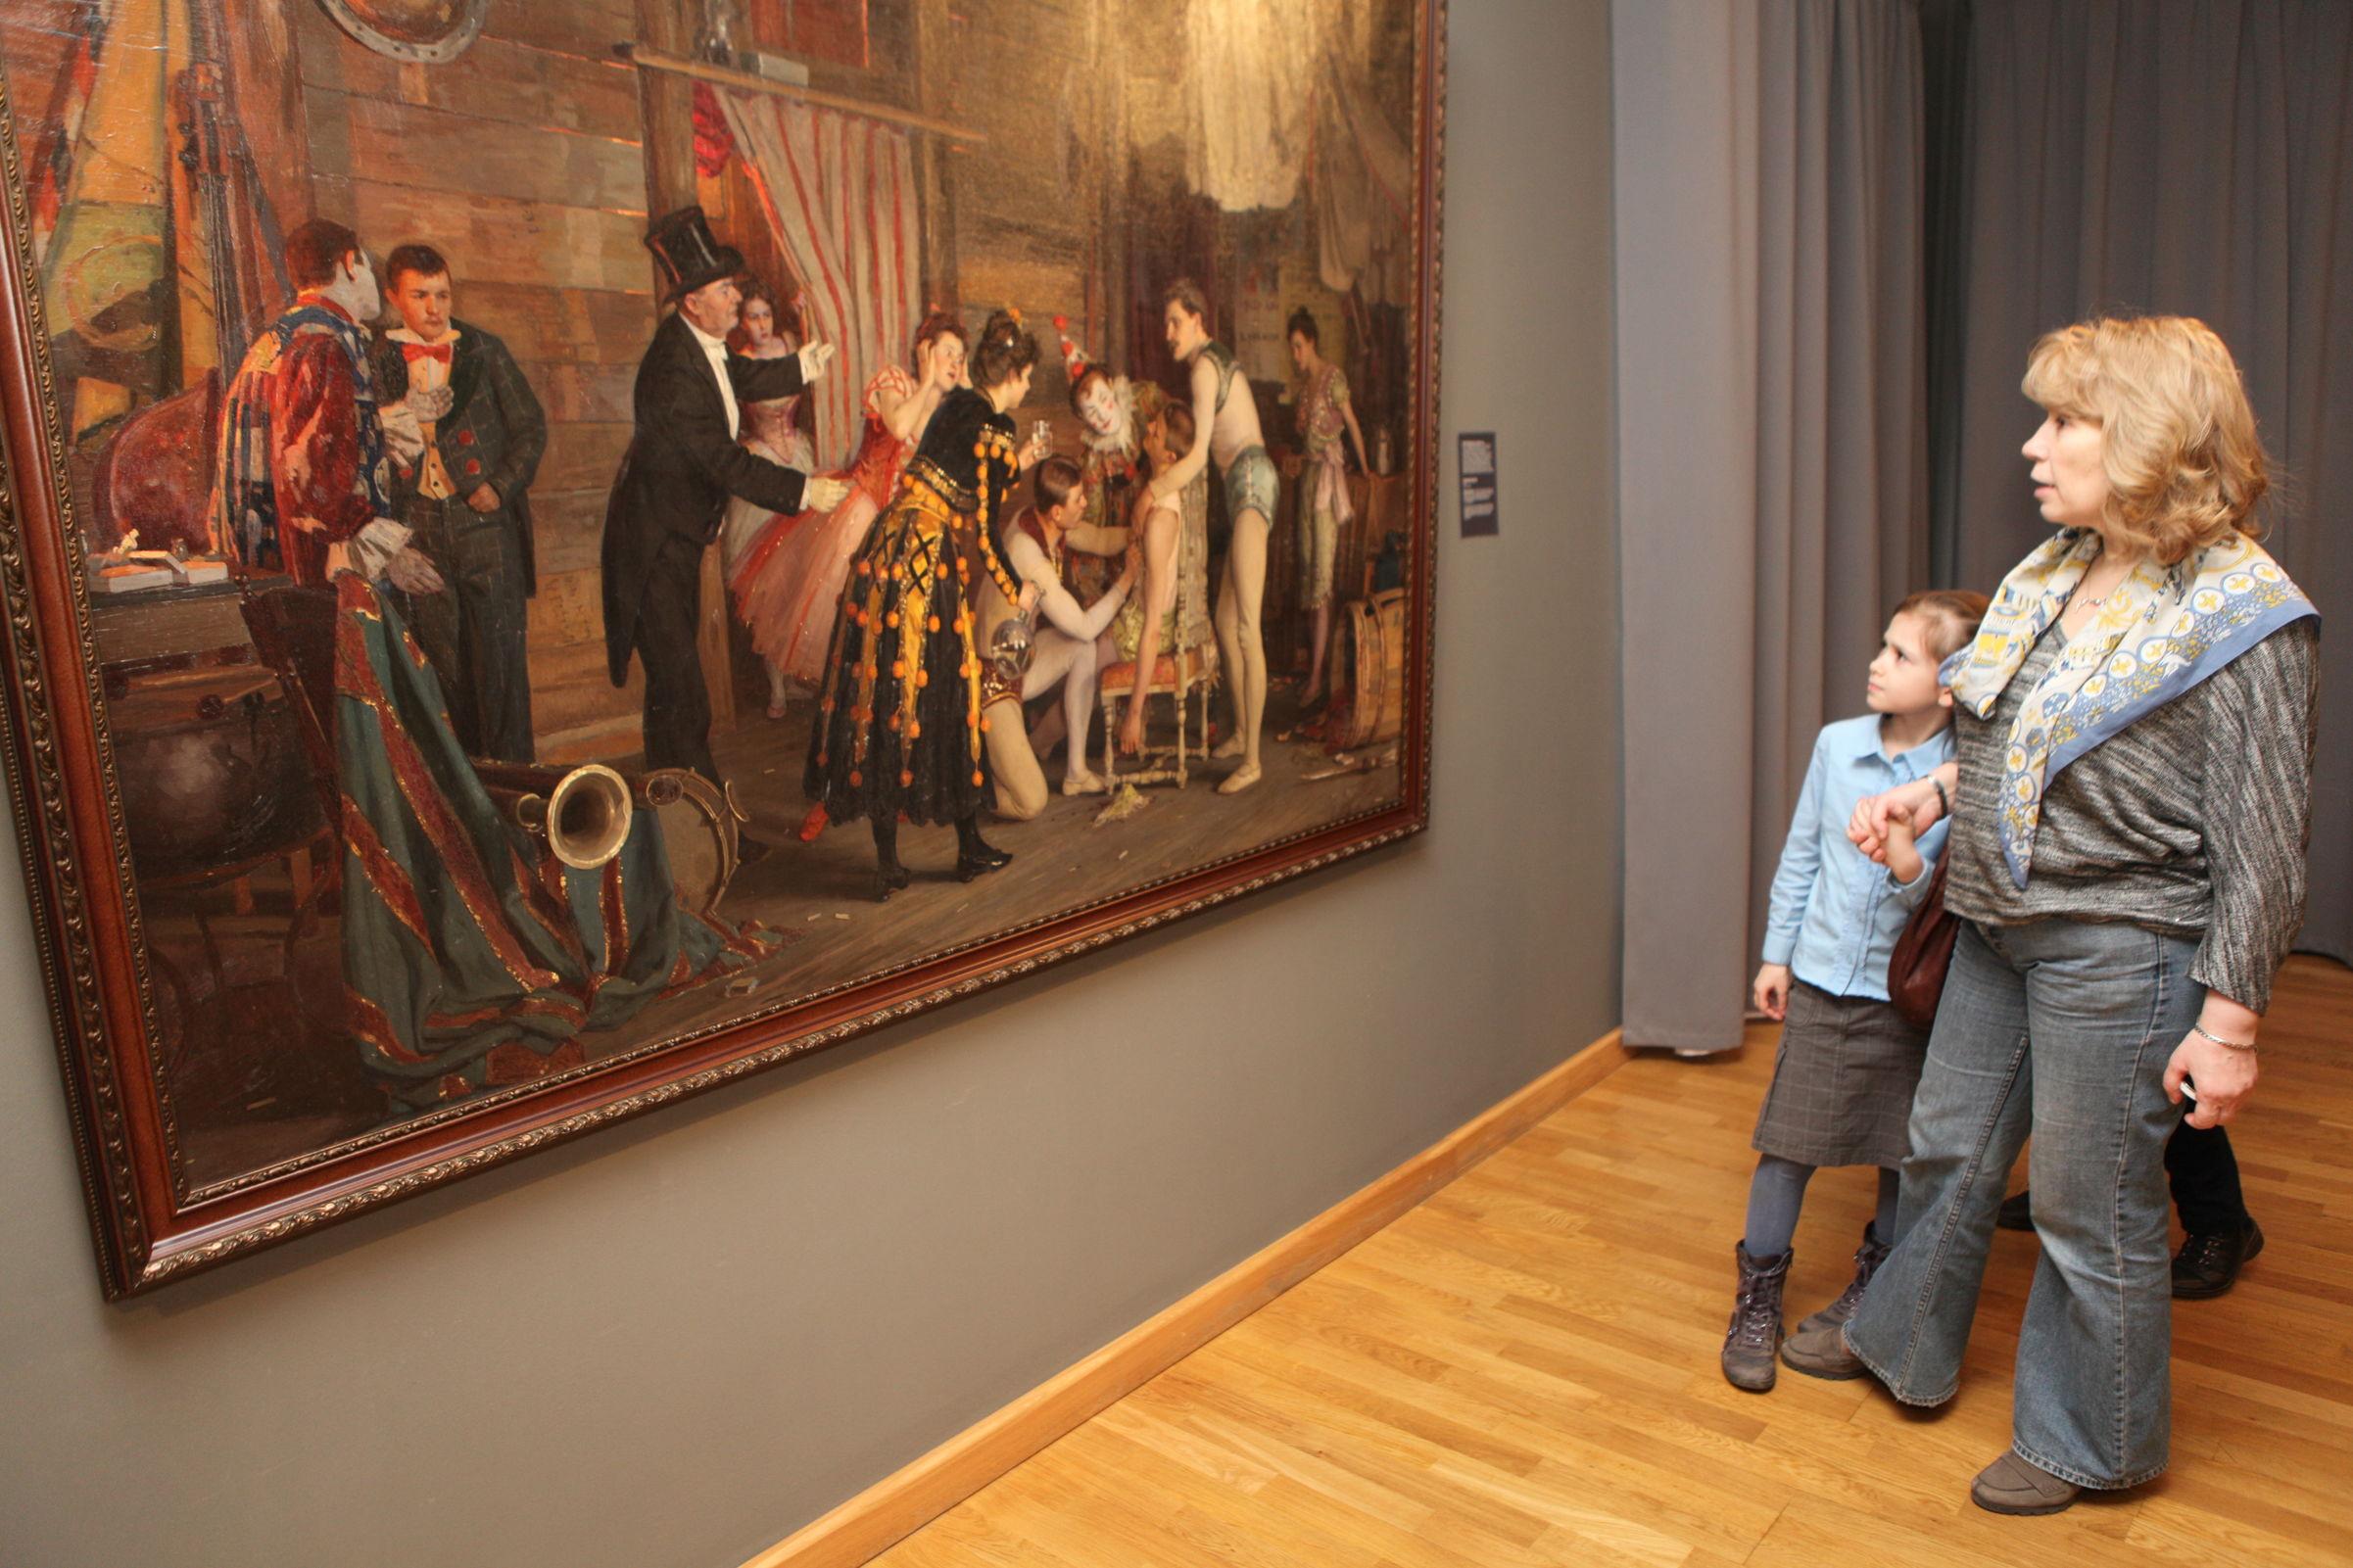 «Начало» через сто лет. В Ярославле проходит выставка, посвященная вековому юбилею художественного музея